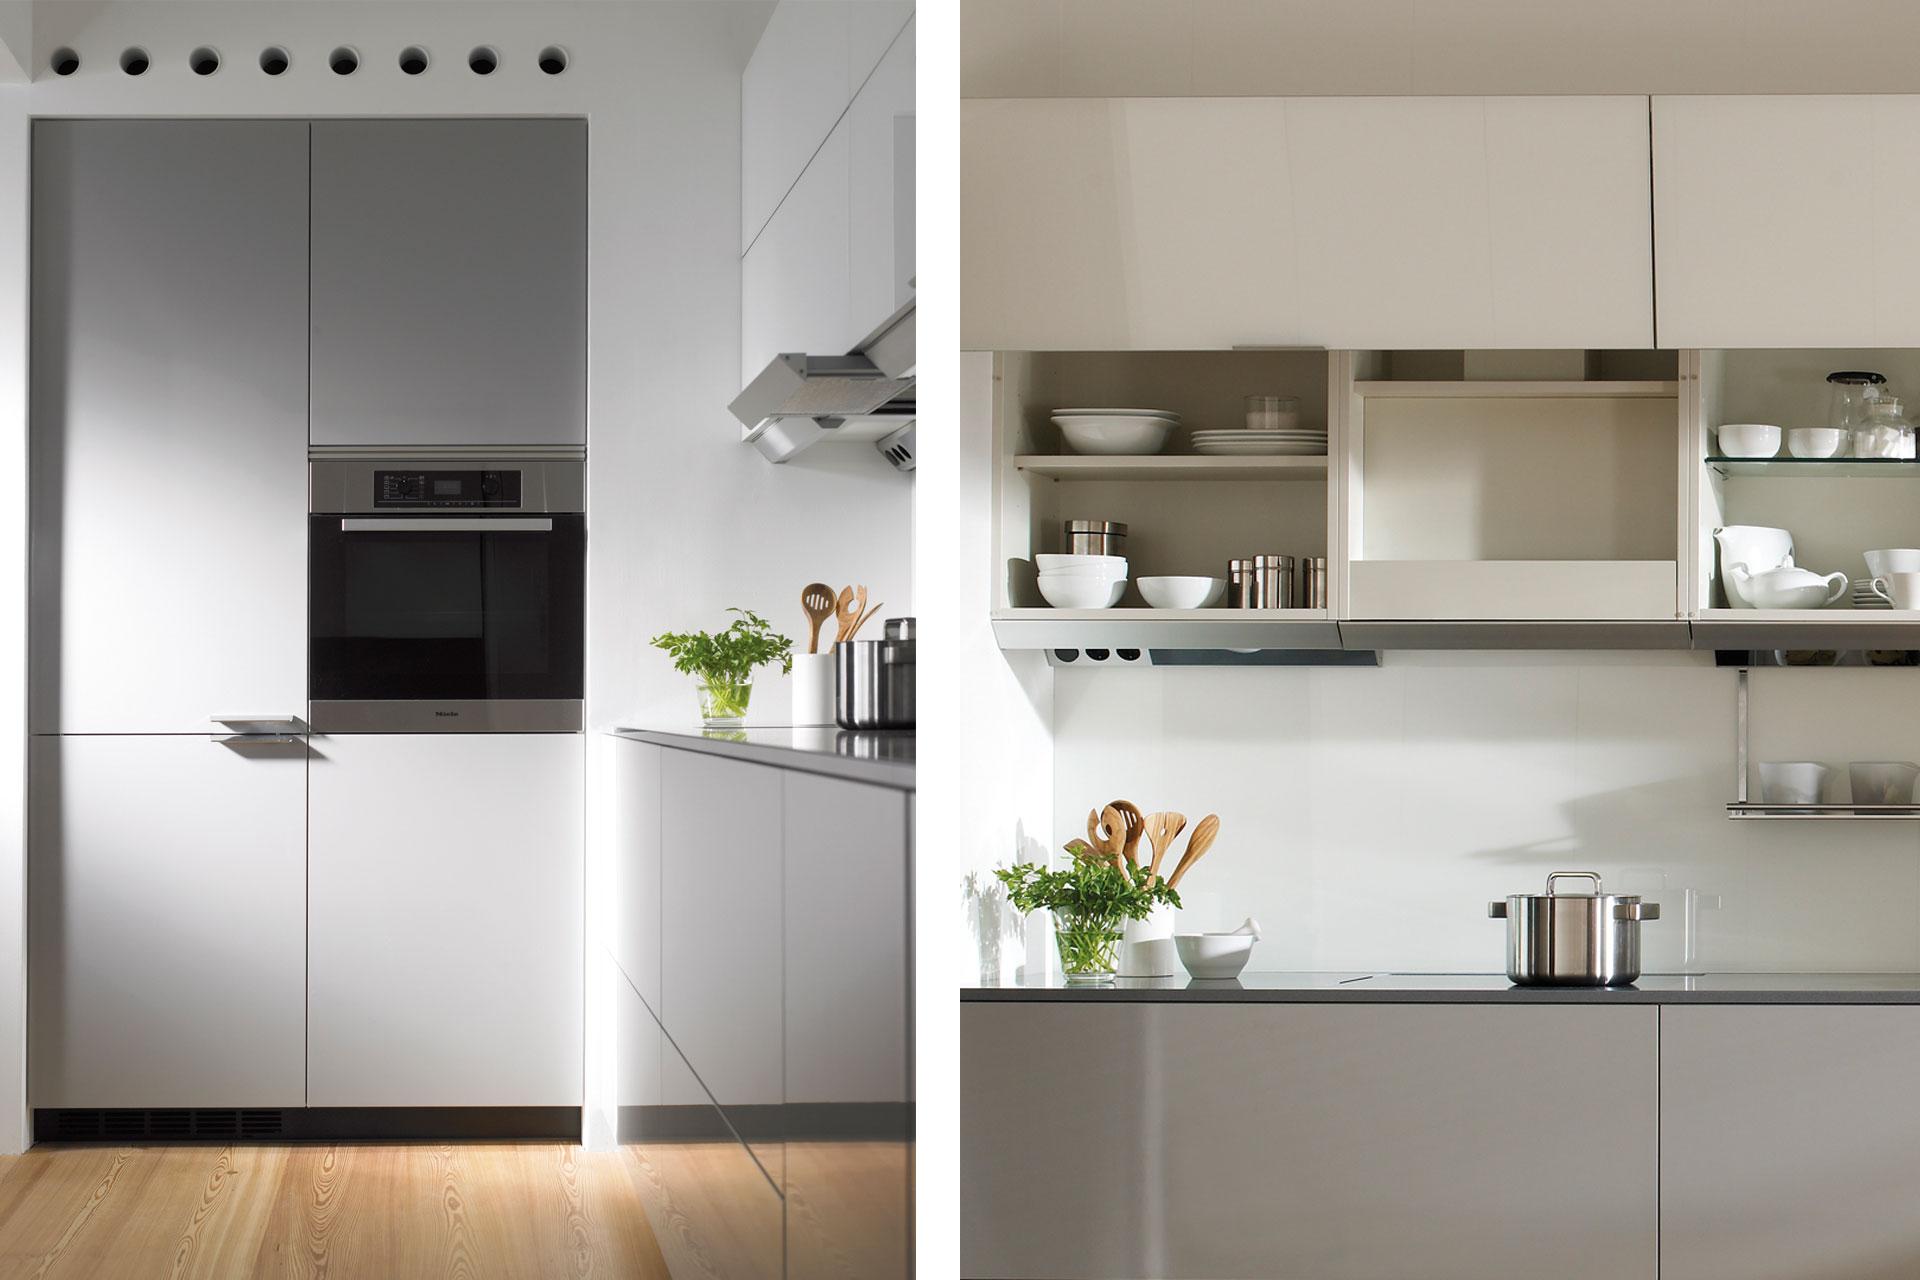 Electrodomésticos integrados: espacios limpios y armónicos   Tubos de ventilación   Cocinas Santos   Santiago Interiores